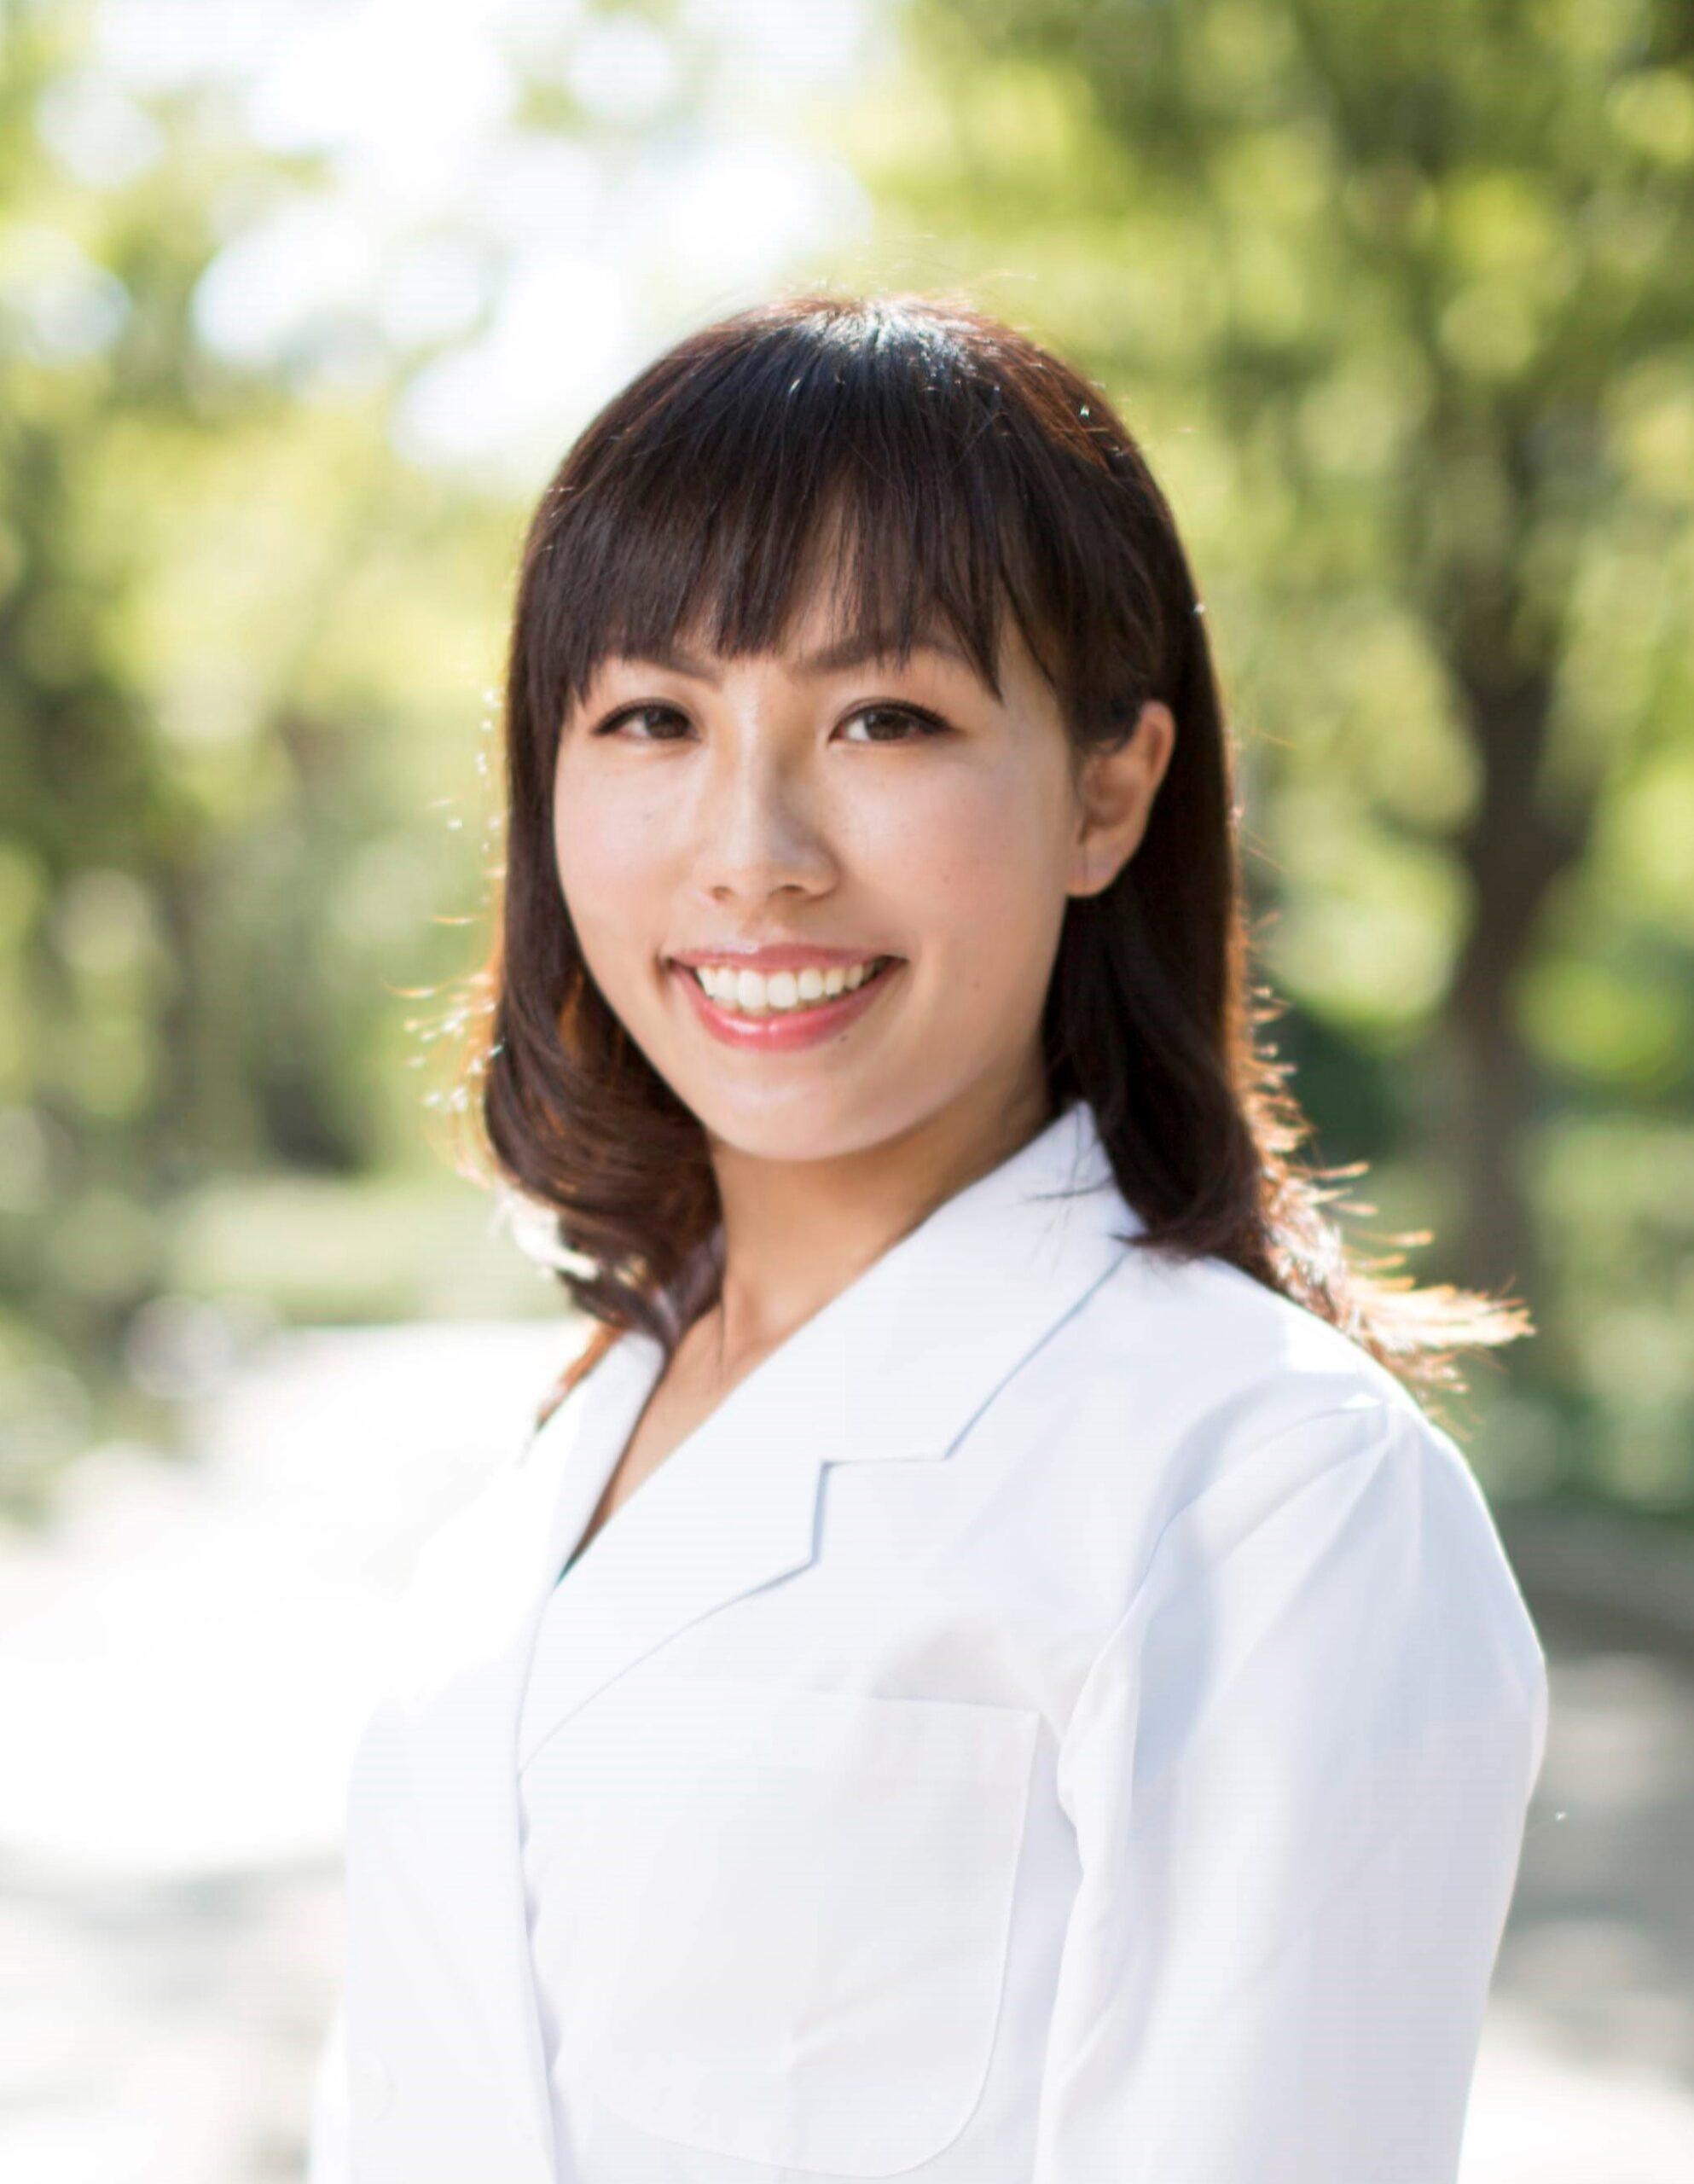 柿田江梨子 管理栄養士 フリーランス管理栄養士